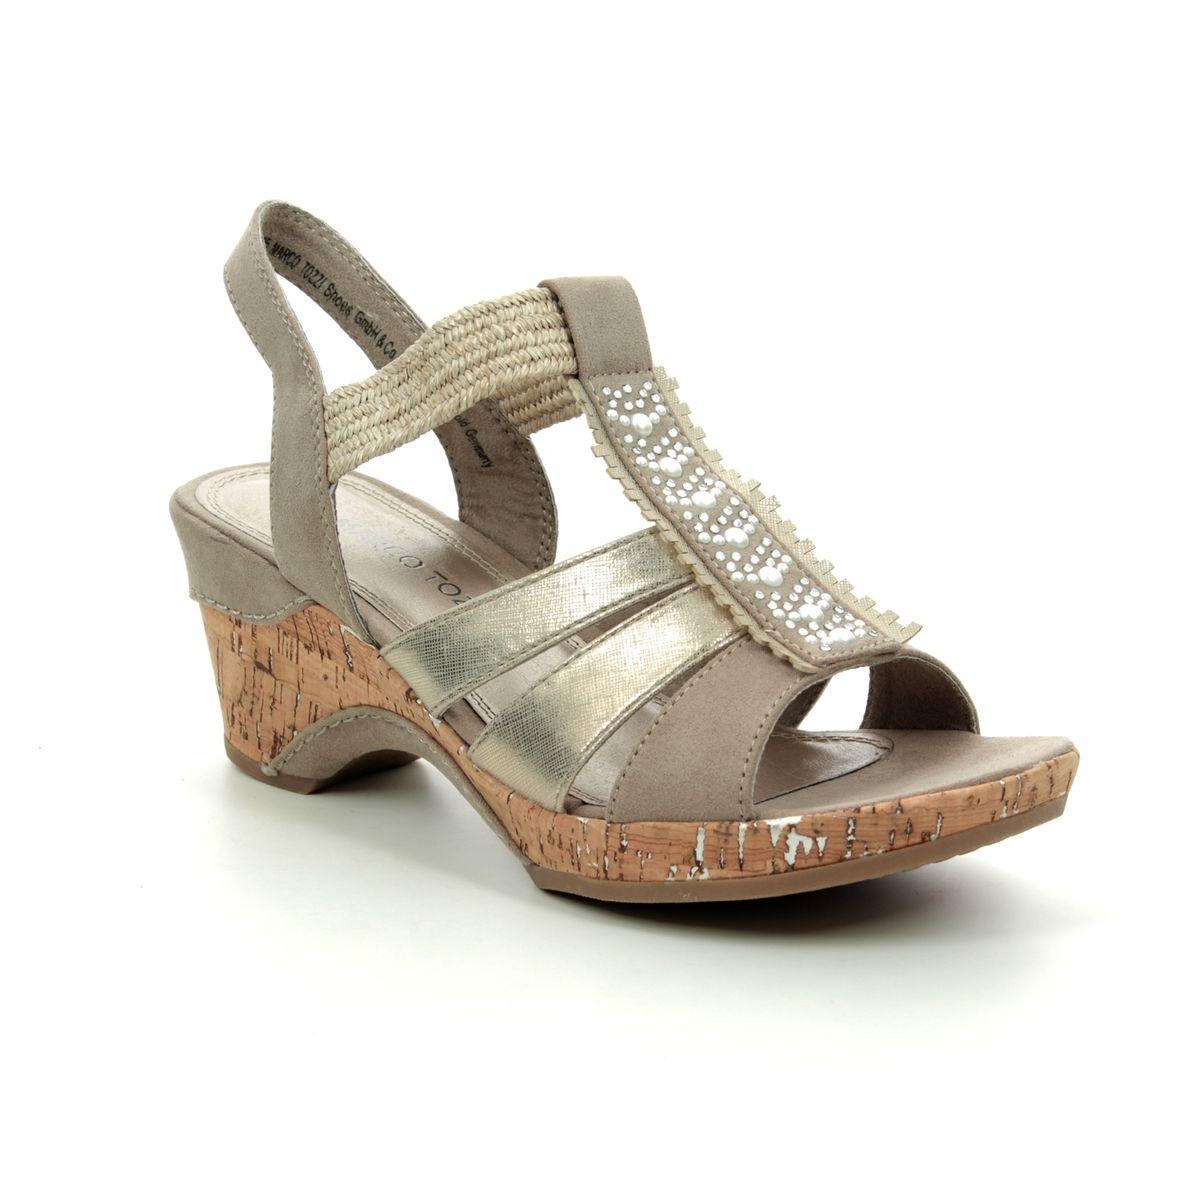 17e4c0d9836 Marco Tozzi Wedge Sandals - Taupe multi - 28305 22 344 LOZIO